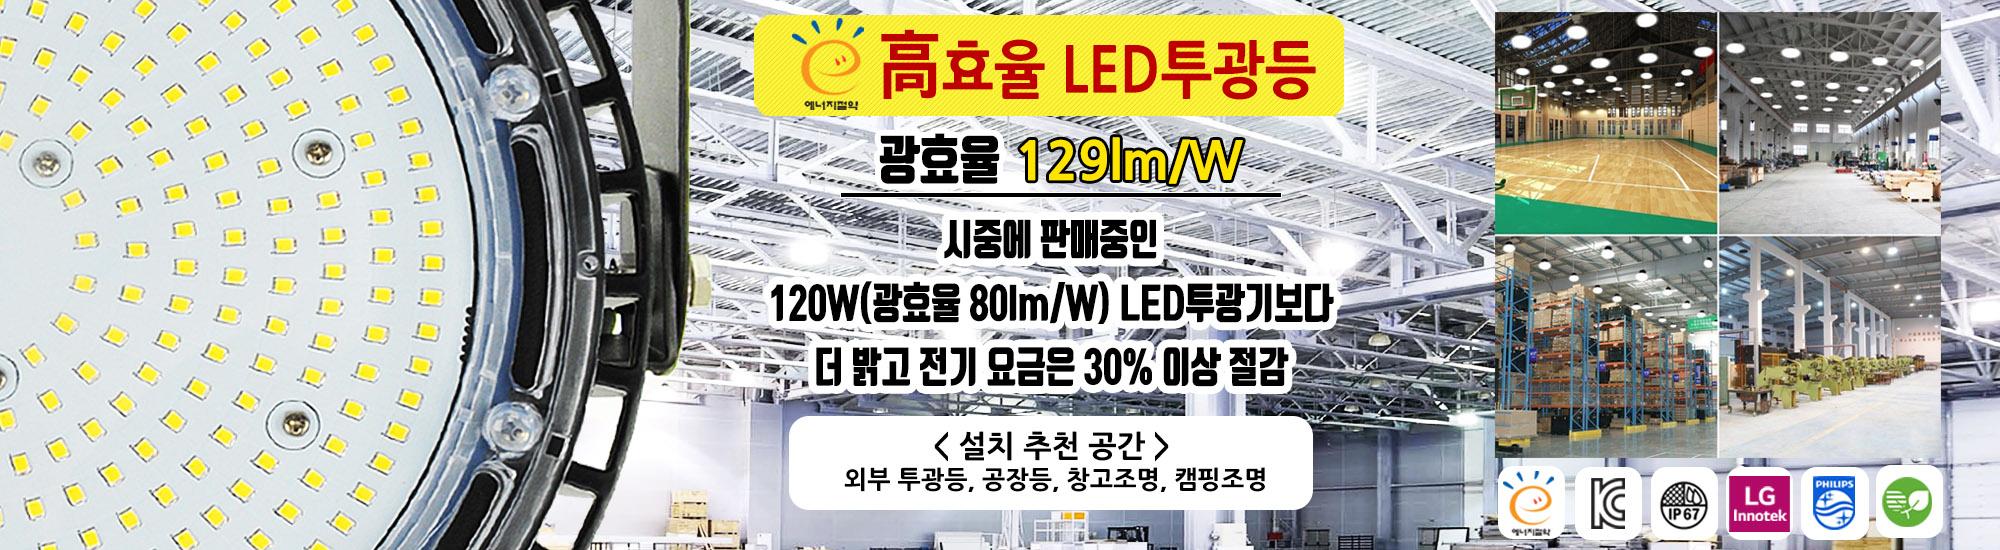 고효율 LED투광기